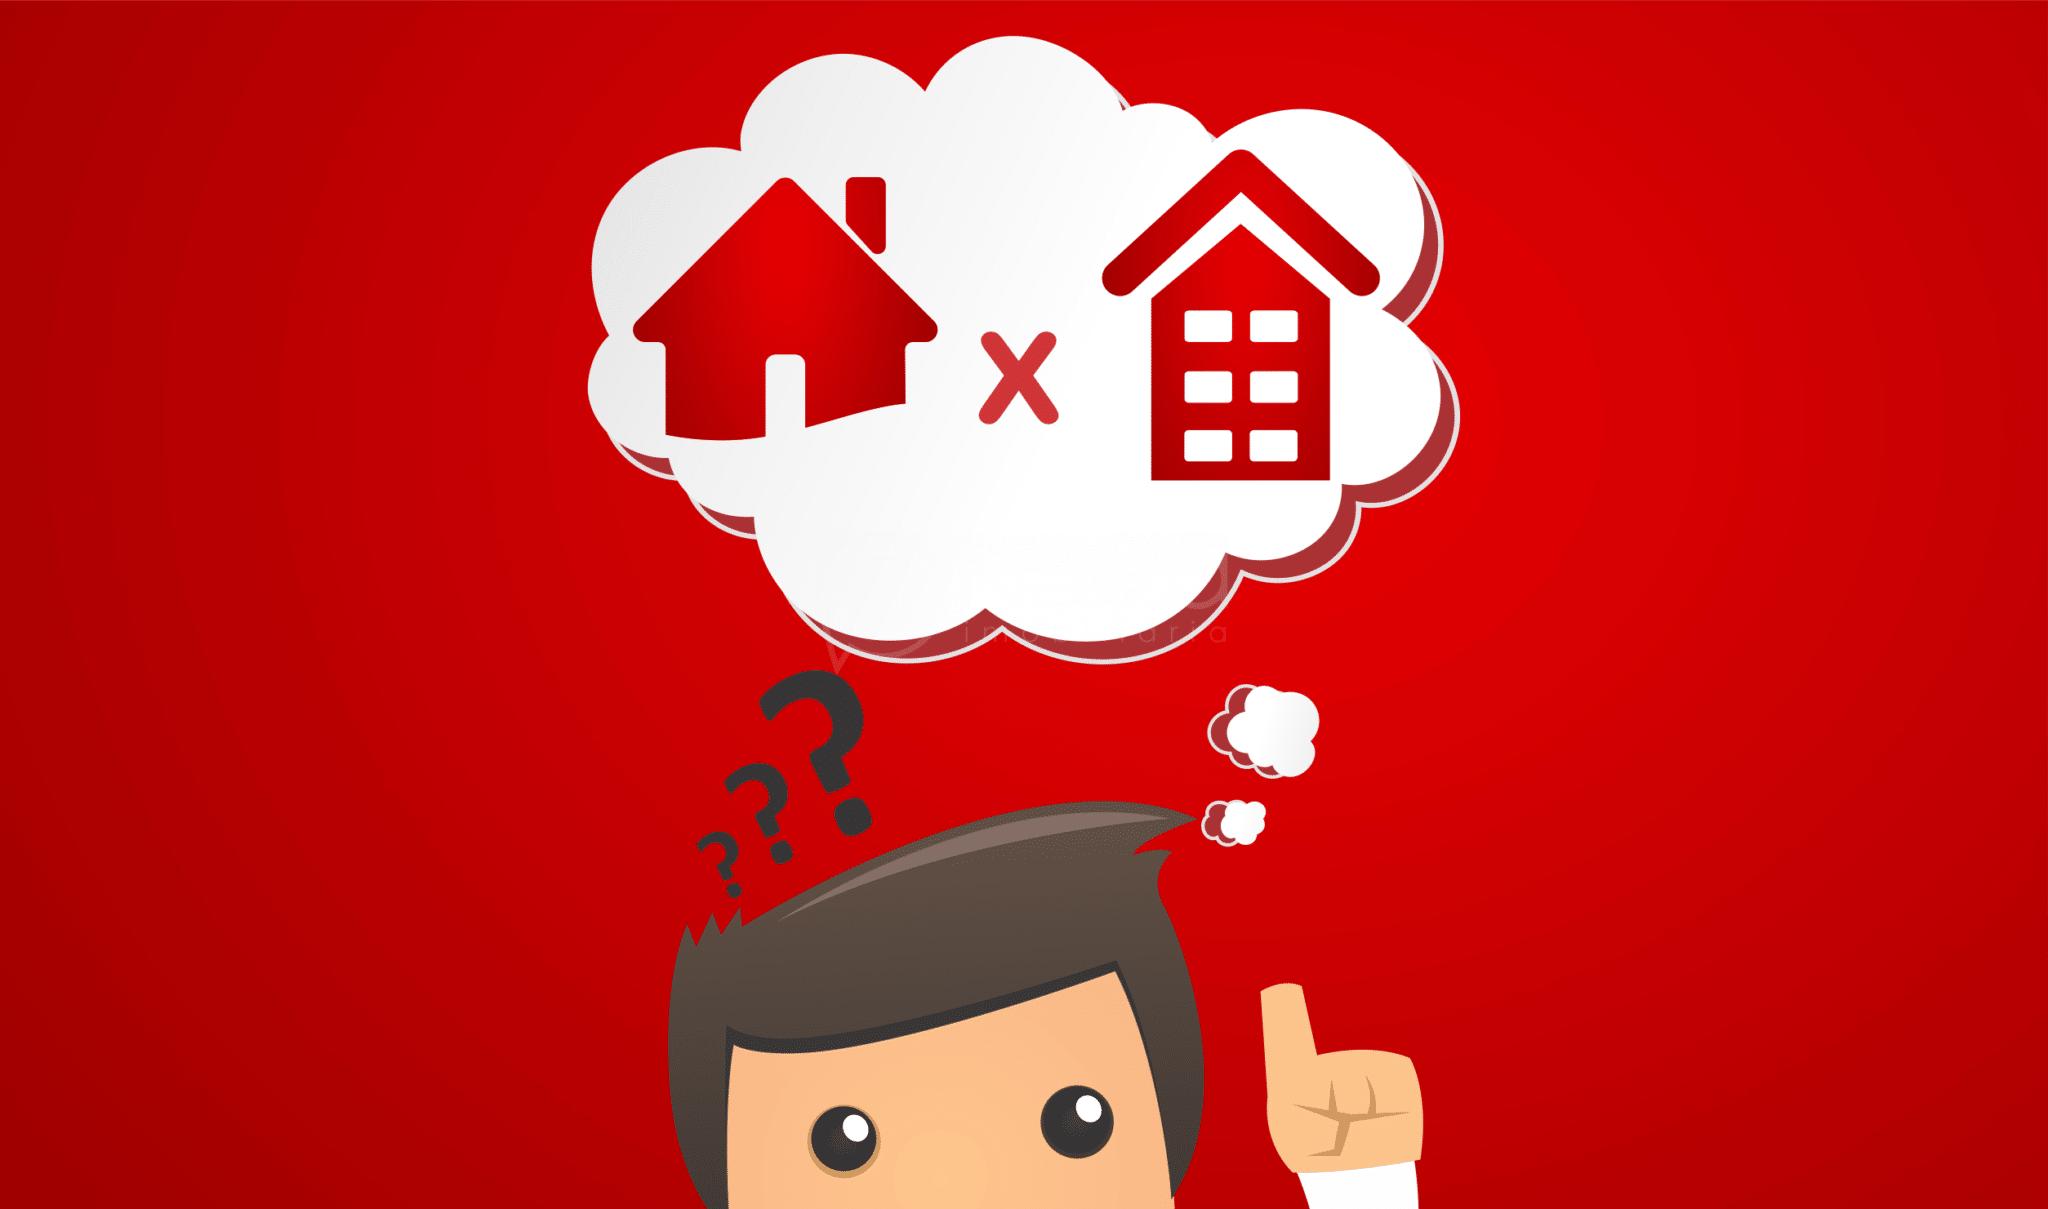 Casa ou Apartamento? Qual escolher?